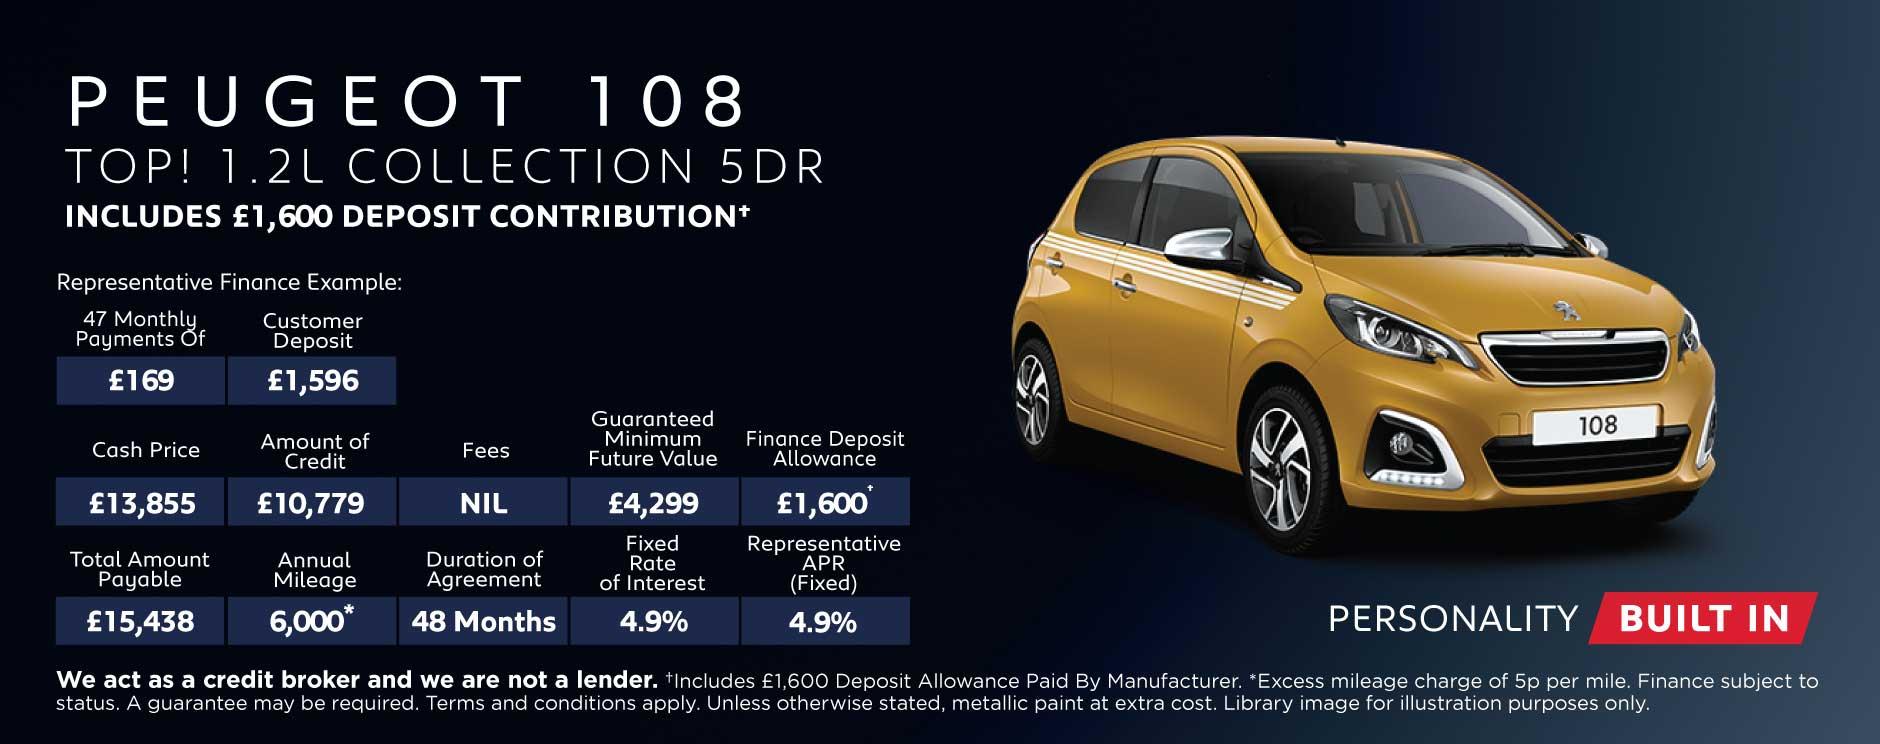 Peugeot 108 Deals New Peugeot 108 Cars For Sale